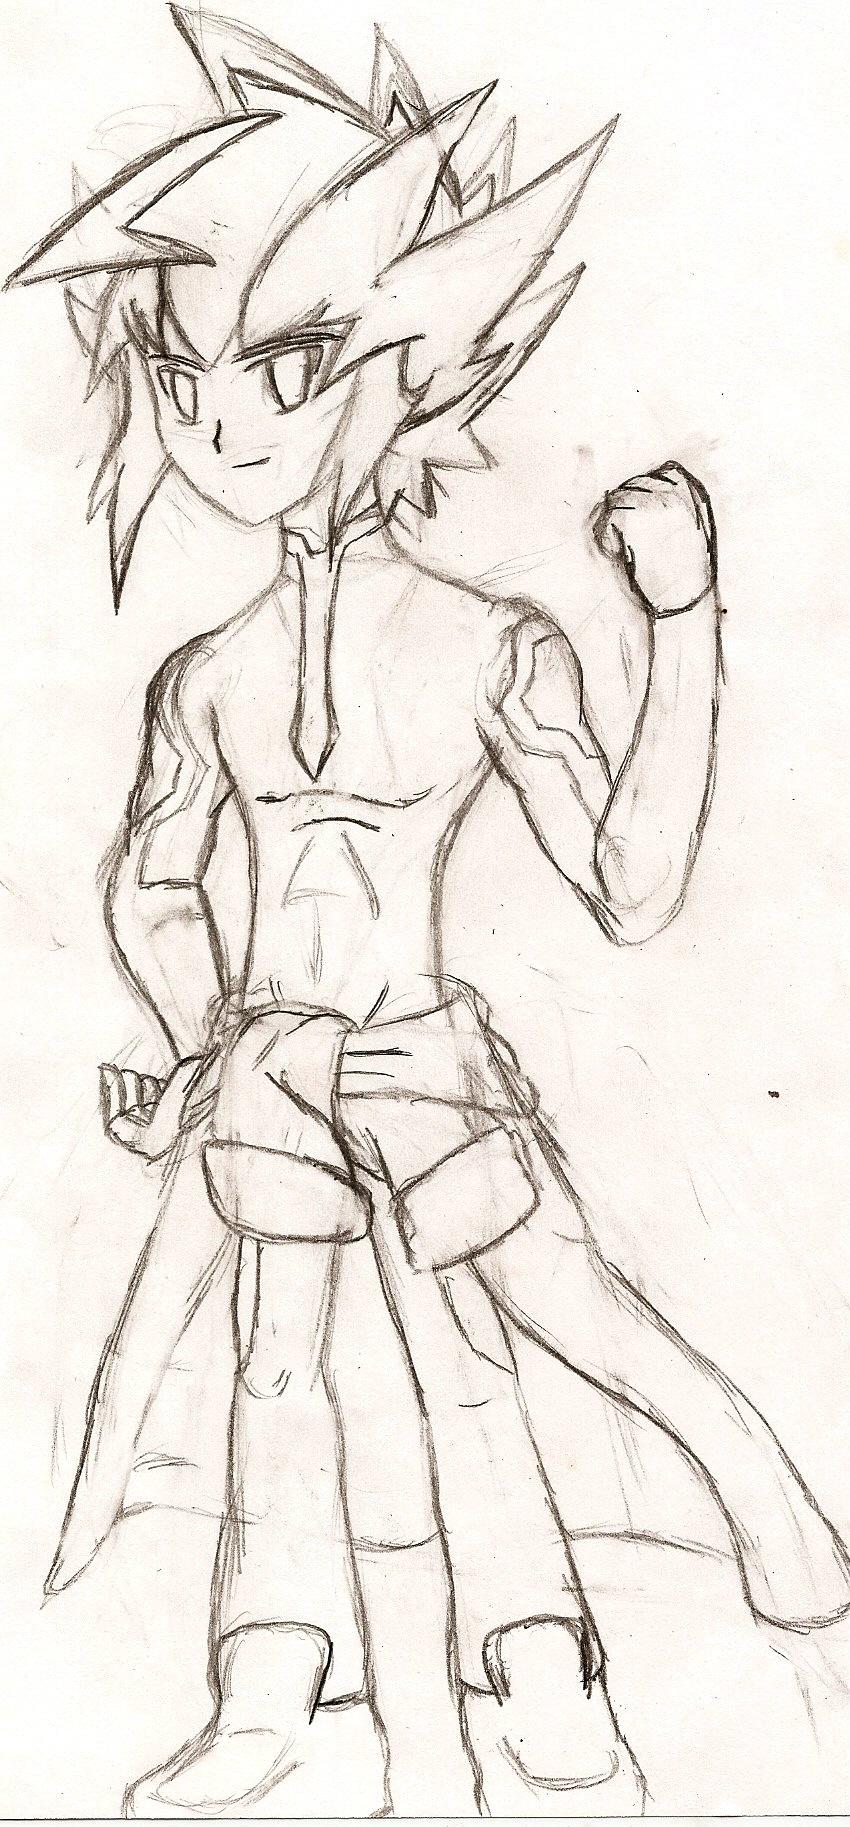 ZEXAL Oc: Mikazuki Kouki (sketch) by NeonNeoz